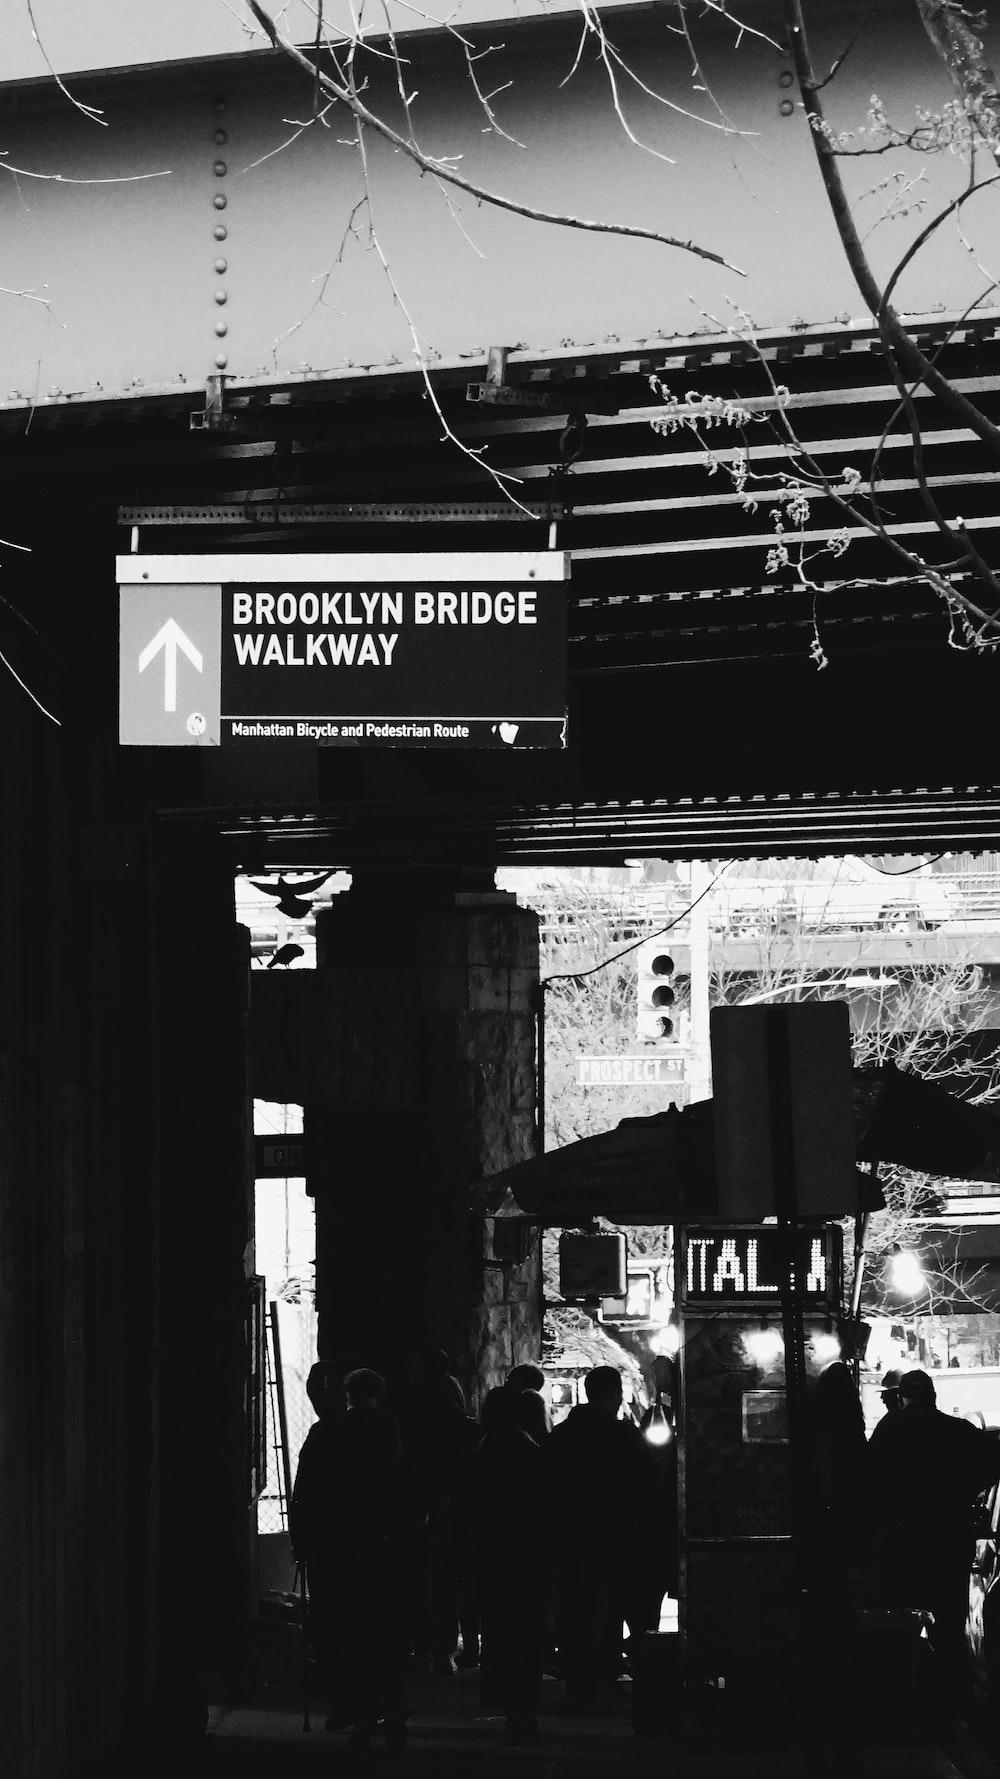 Brooklyn Bridge Walkway signage